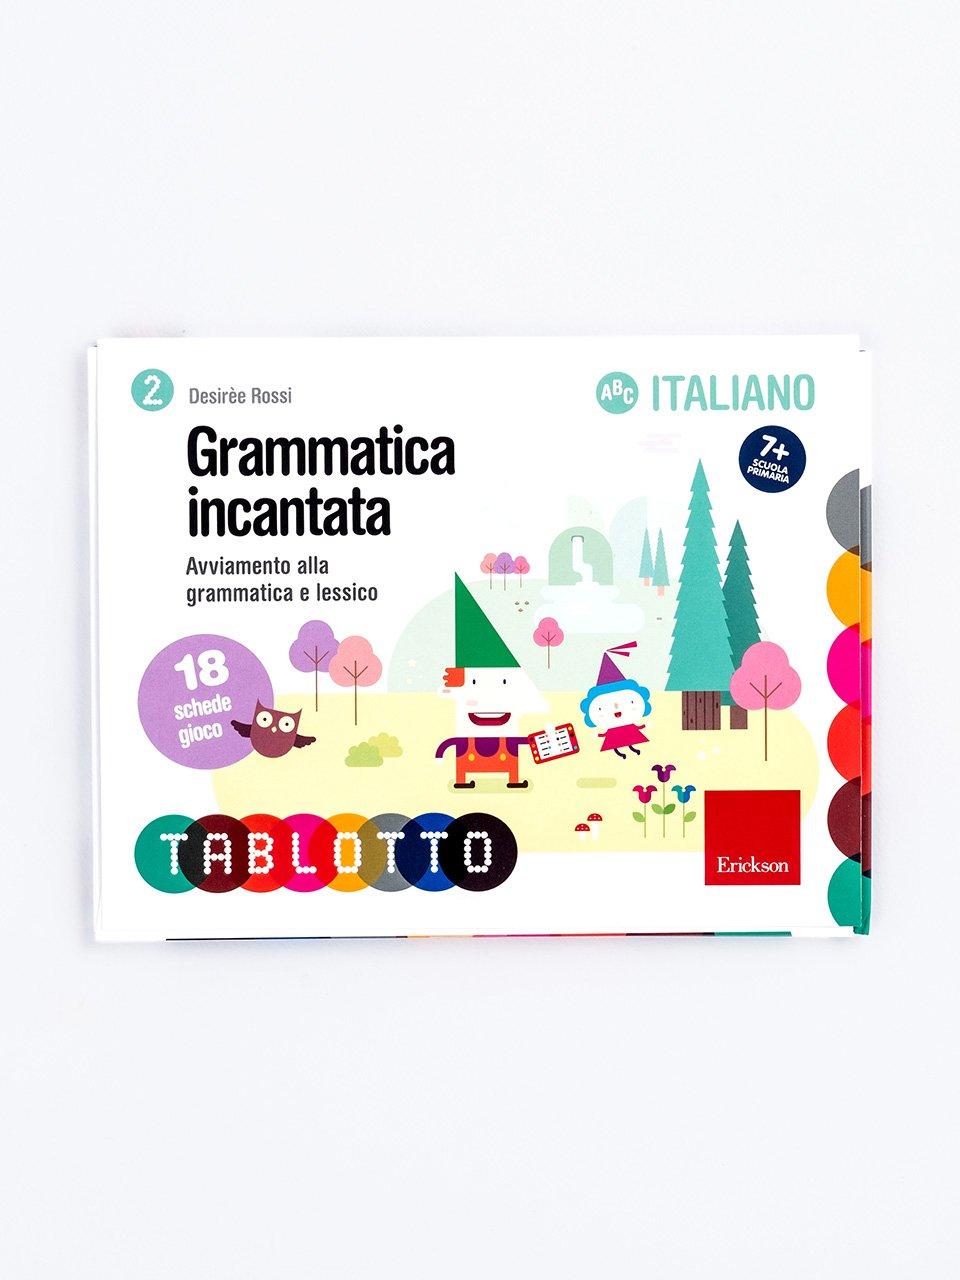 Schede per Tablotto (6-8 anni) - Grammatica incantata - Sillabe in gioco - Giochi - Erickson